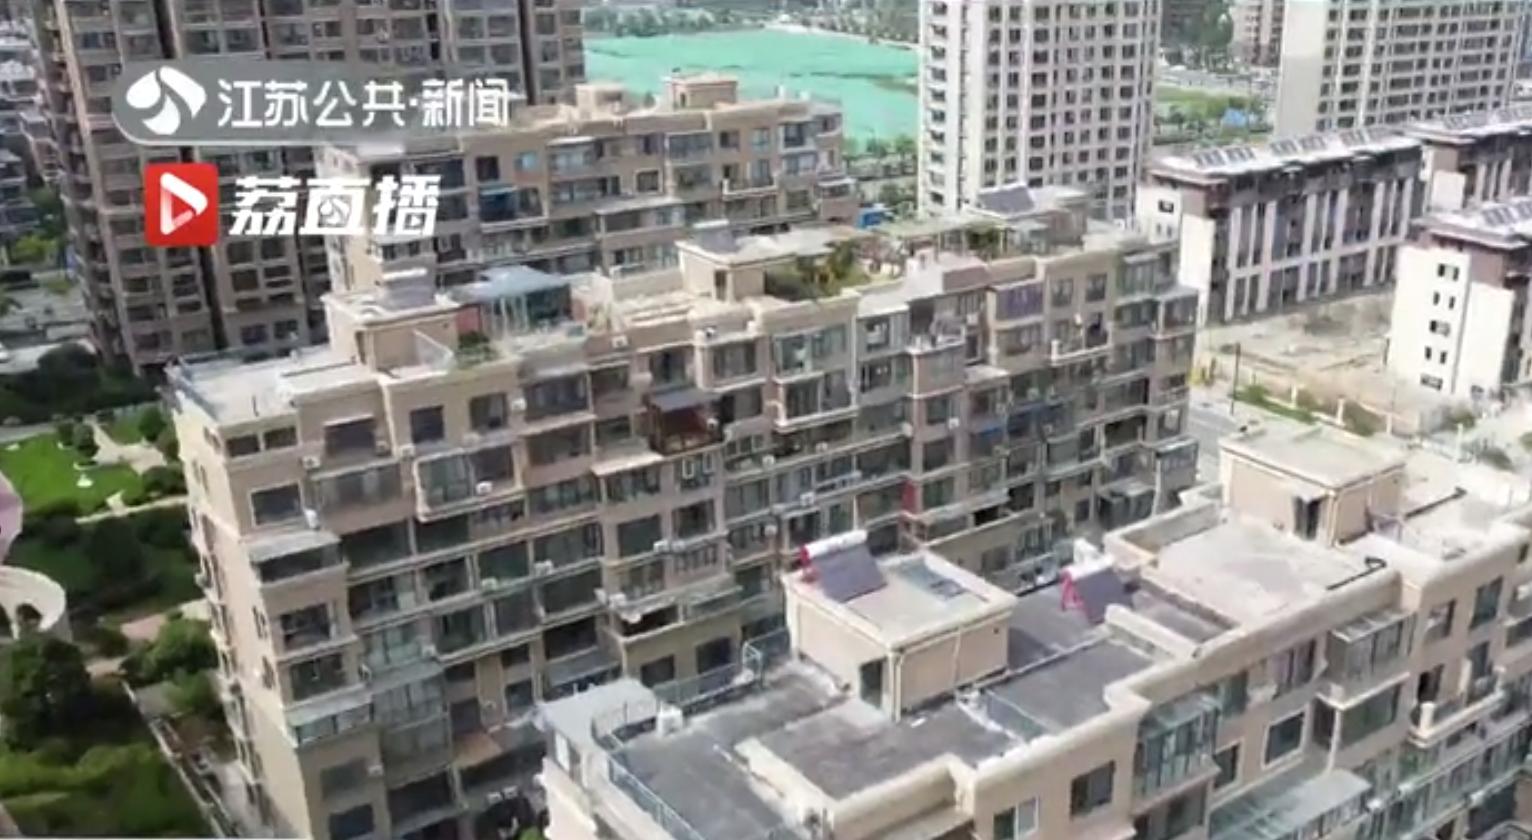 连云港市高新区铂金公馆幼区,10栋住宅楼的顶层几乎家家有违建。 截屏图